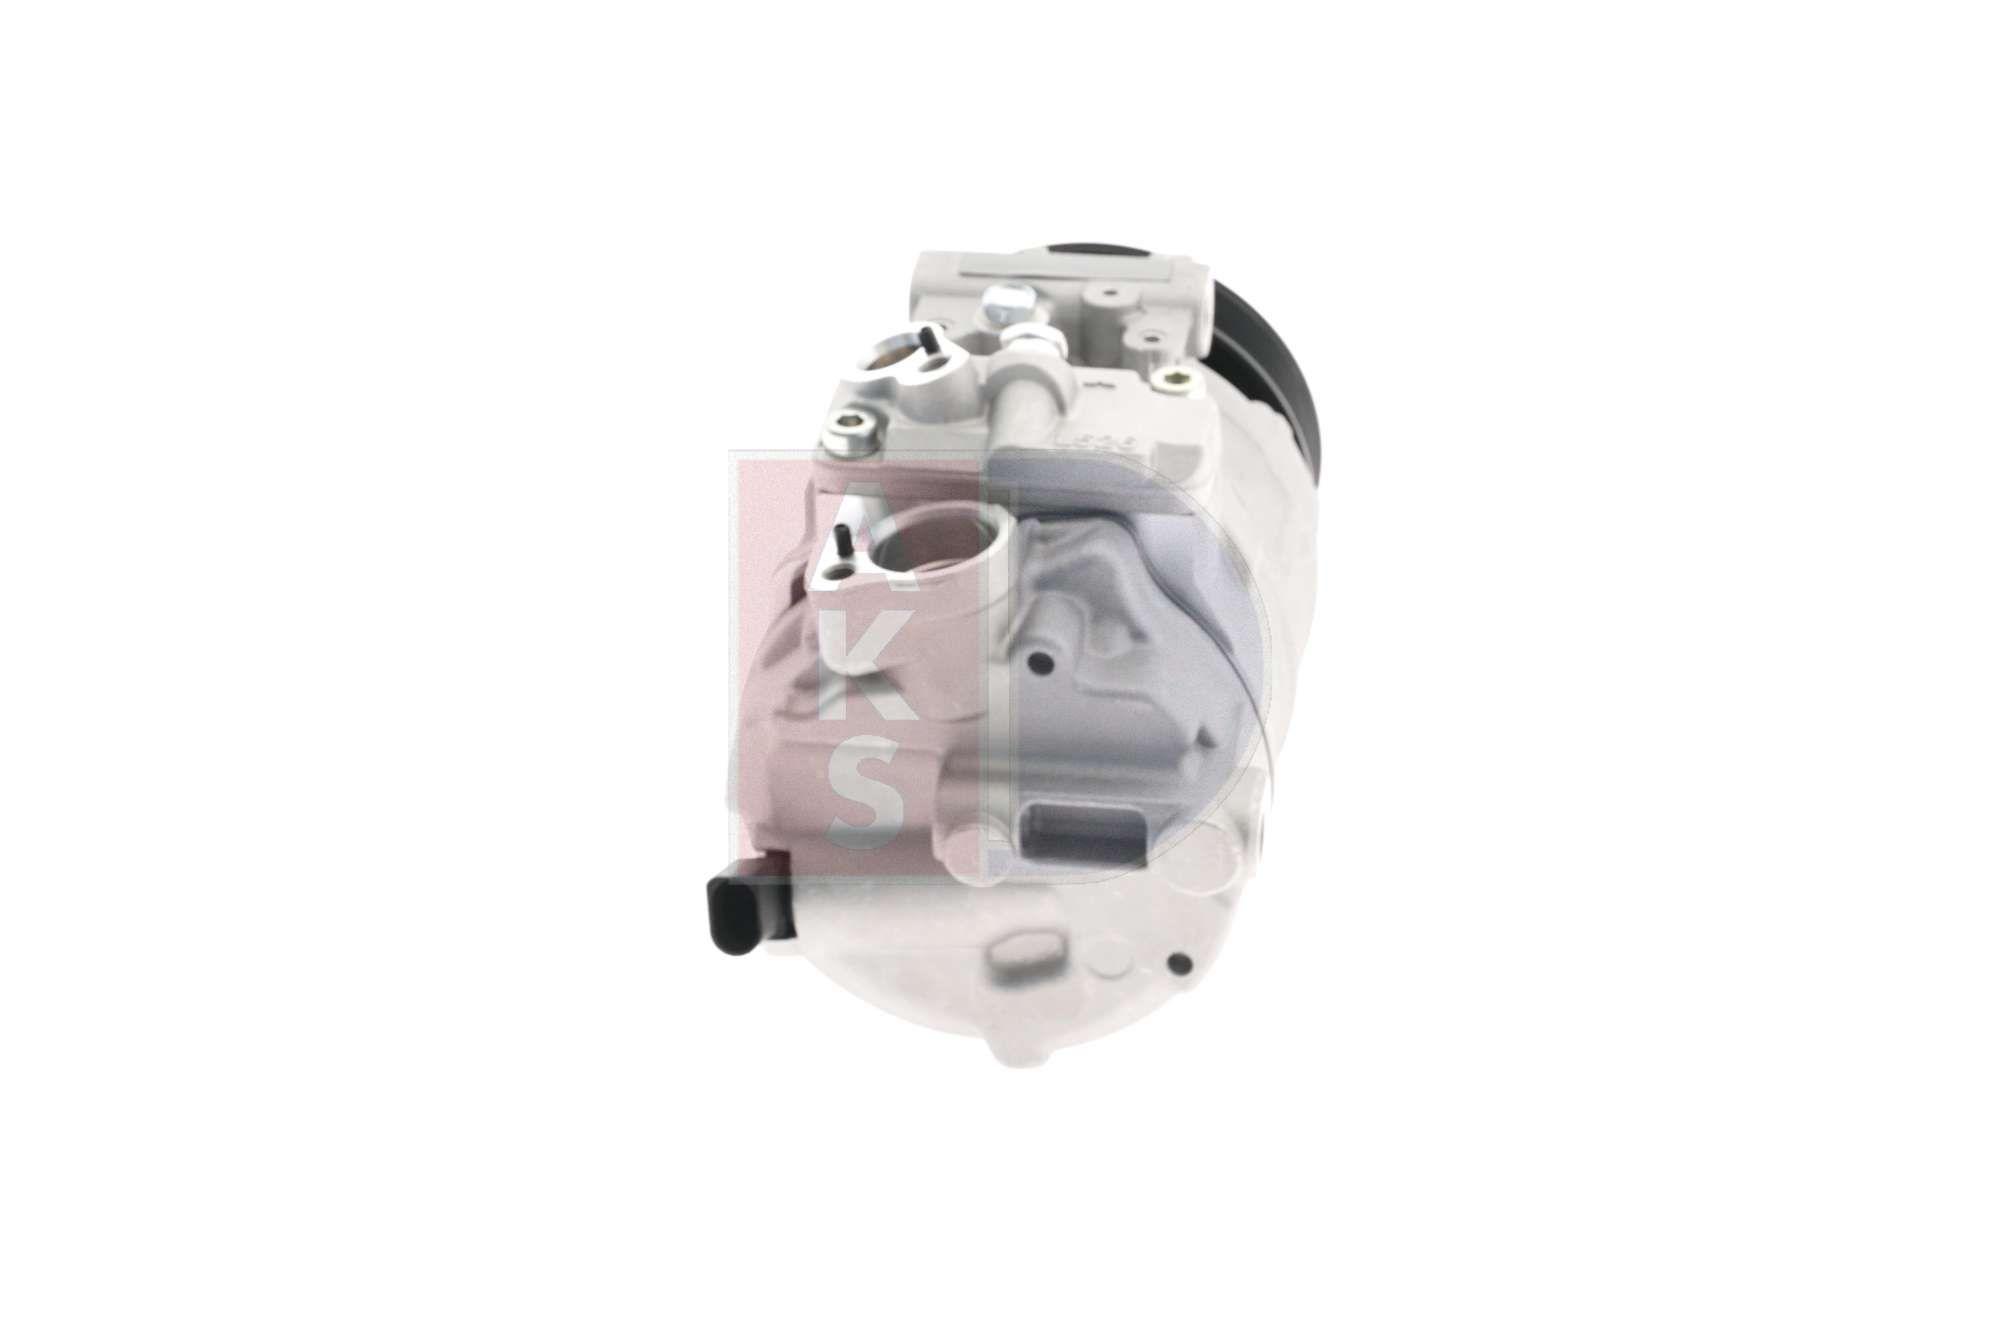 850682N Klimaanlage Kompressor AKS DASIS - Markenprodukte billig